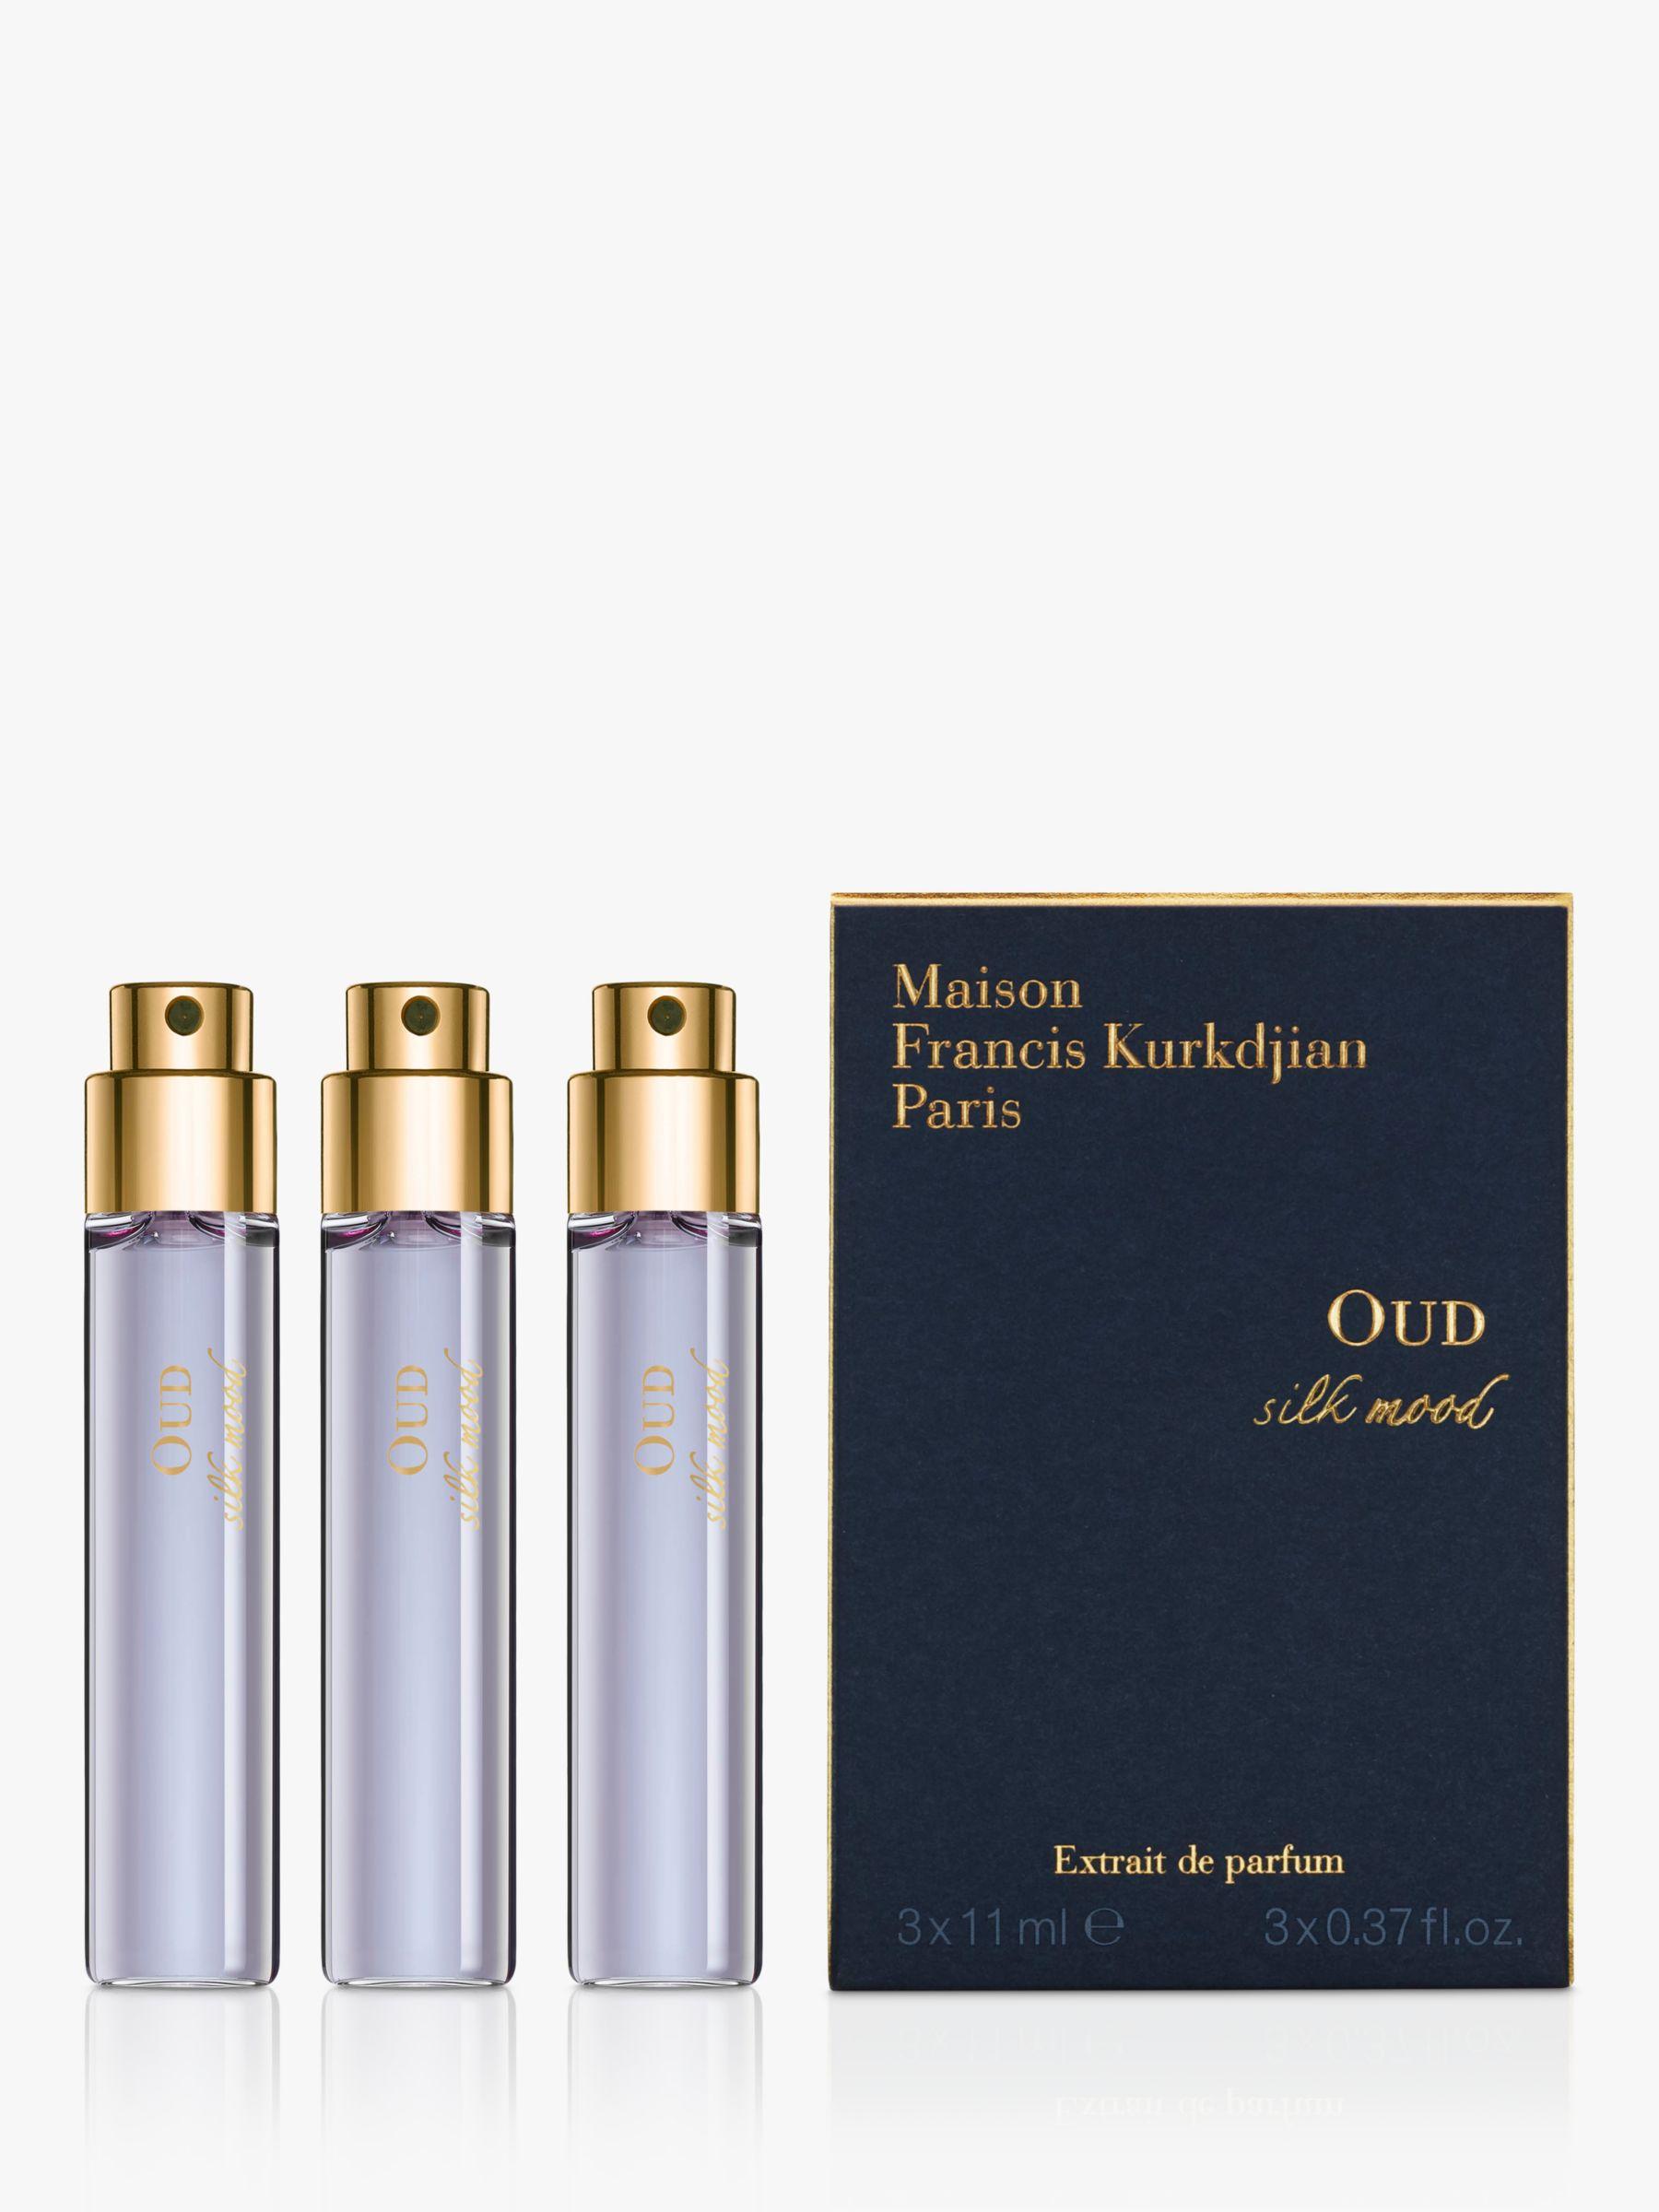 Maison Francis Kurkdjian Maison Francis Kurkdjian Oud Silk Mood Extrait de Parfum Natural Spray Refills, 3 x 11ml